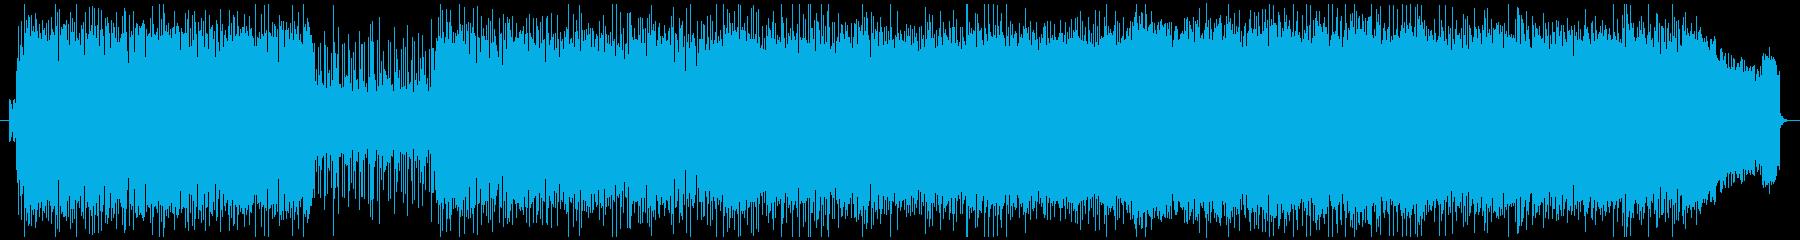 力強い疾走感あるロックサウンドの再生済みの波形